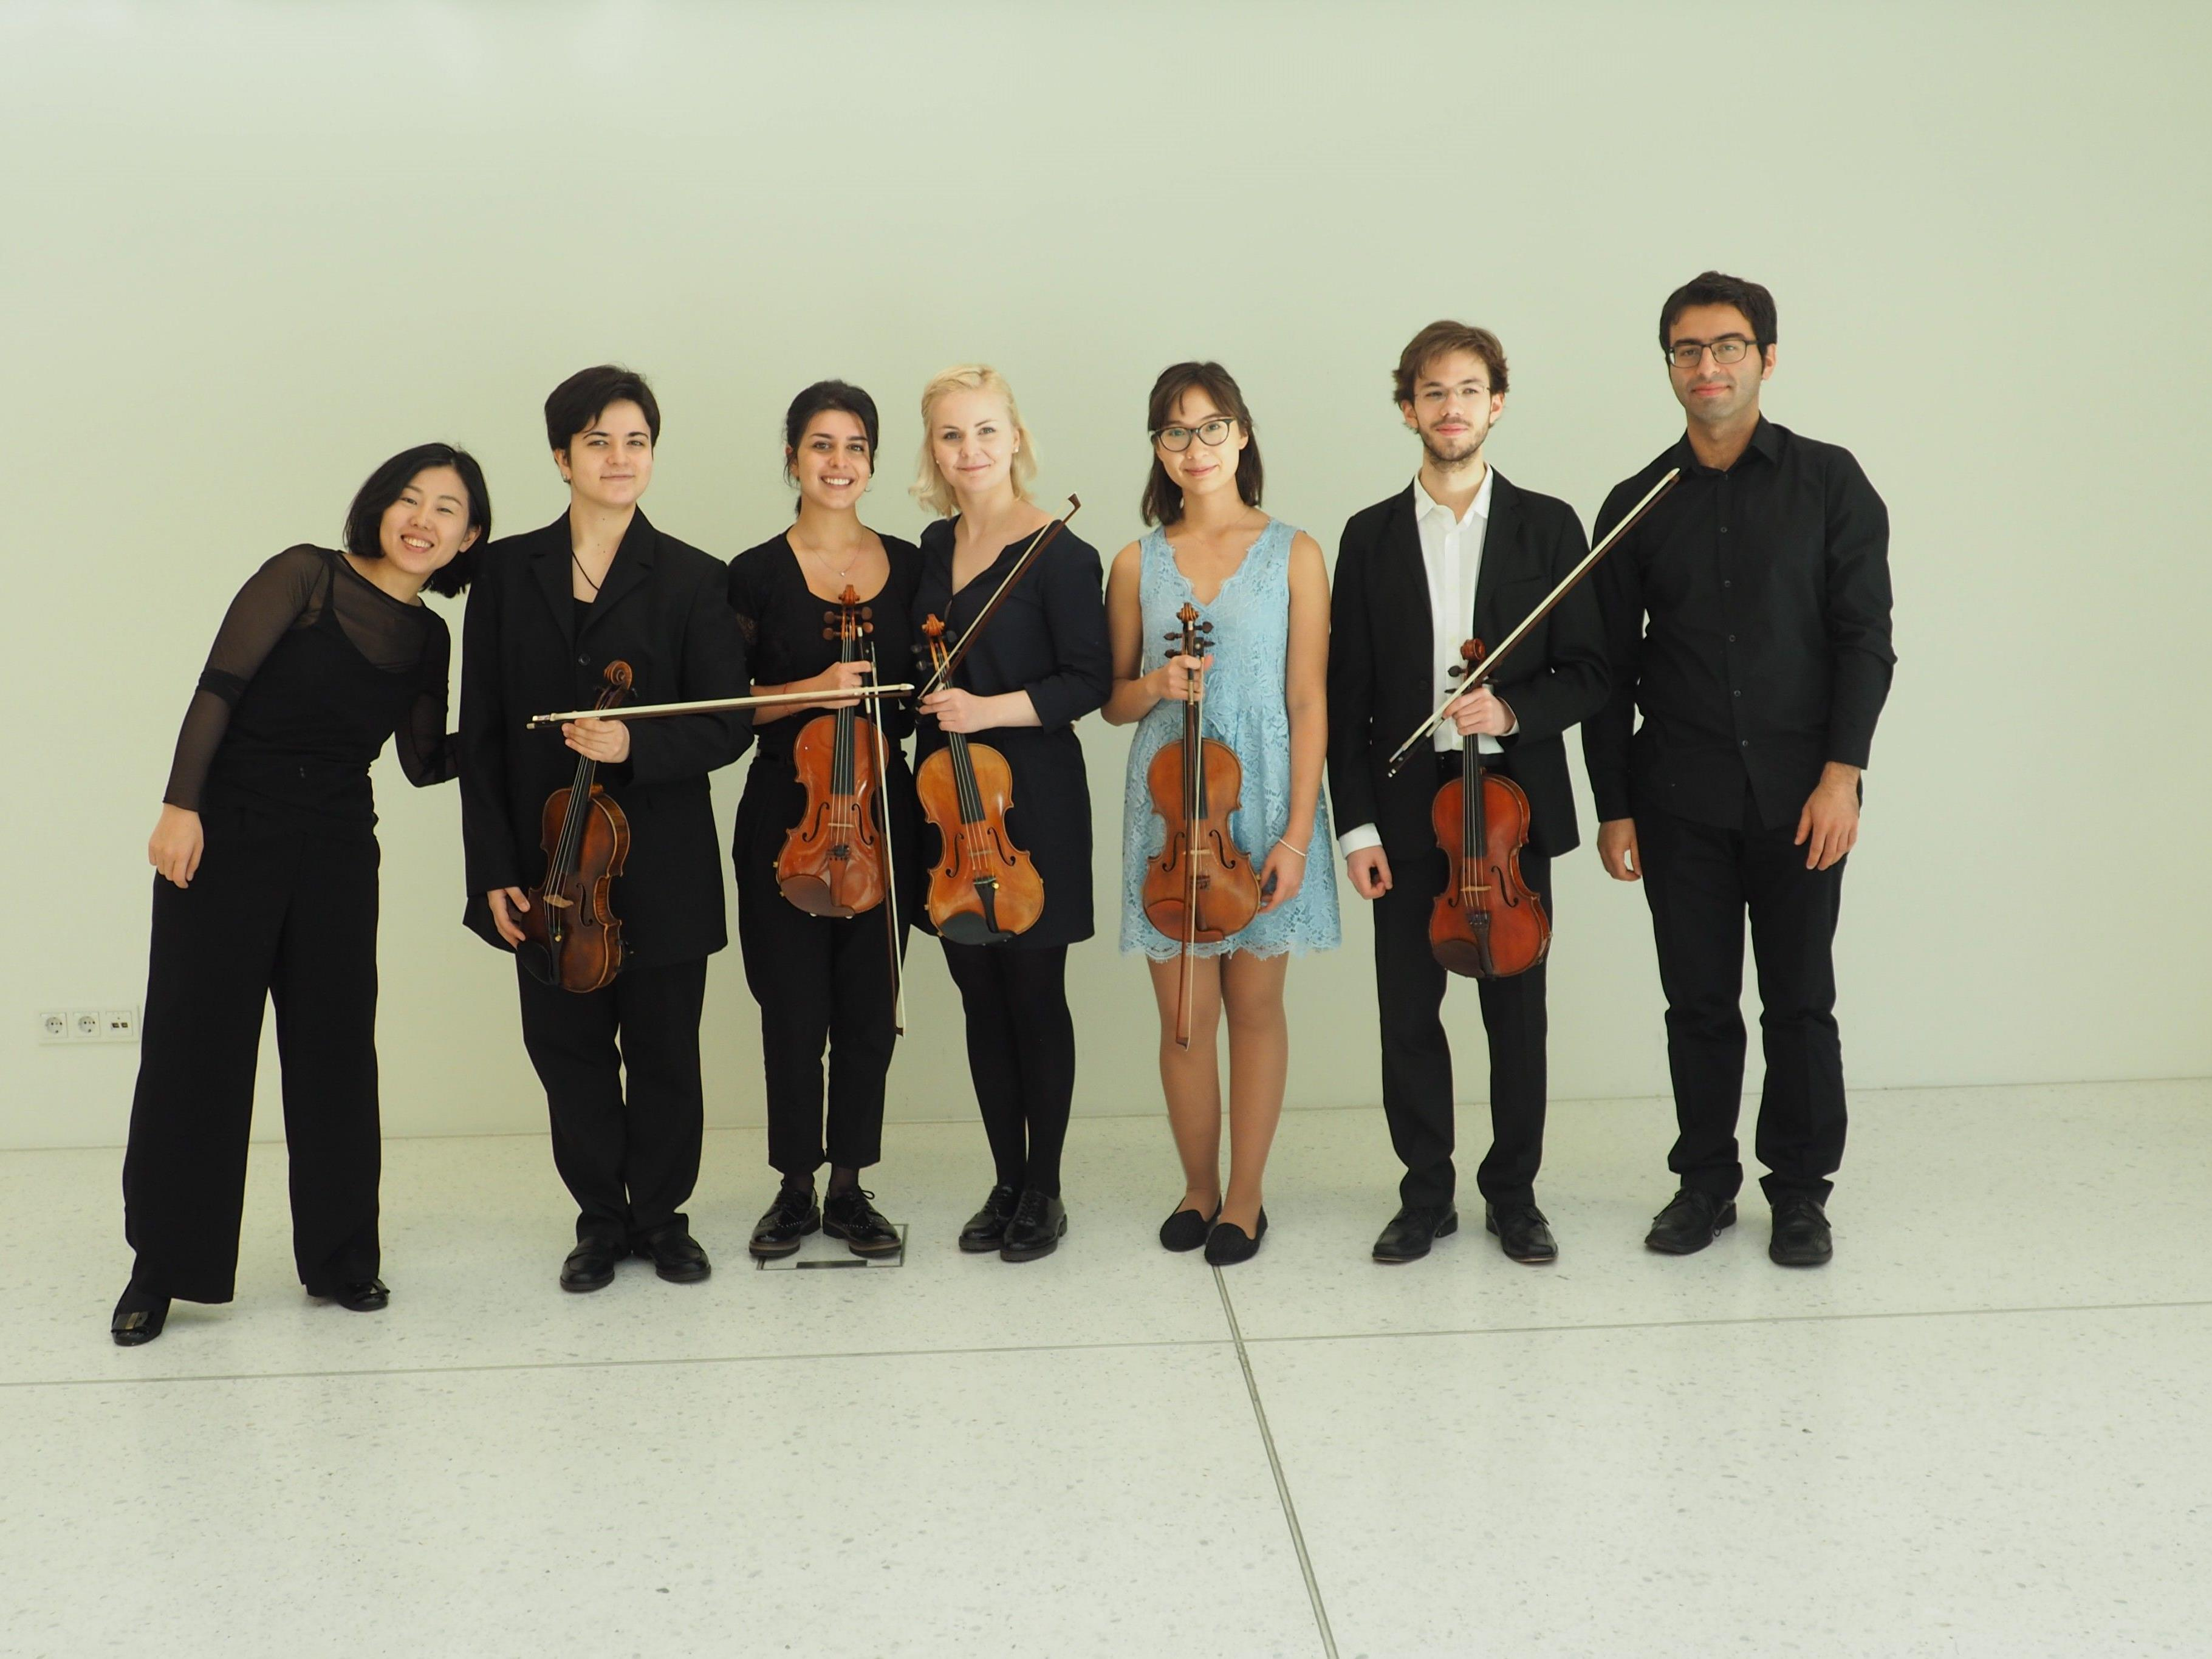 Die Studenten der Violinklasse Rudens Turku mit den beiden Pianisten Akiko Shiochi und Yunus Kaya (links und rechts außen)Die Studenten der Violinklasse Rudens Turku mit den beiden Pianisten Akiko Shiochi und Yunus Kaya (links und rechts außen)